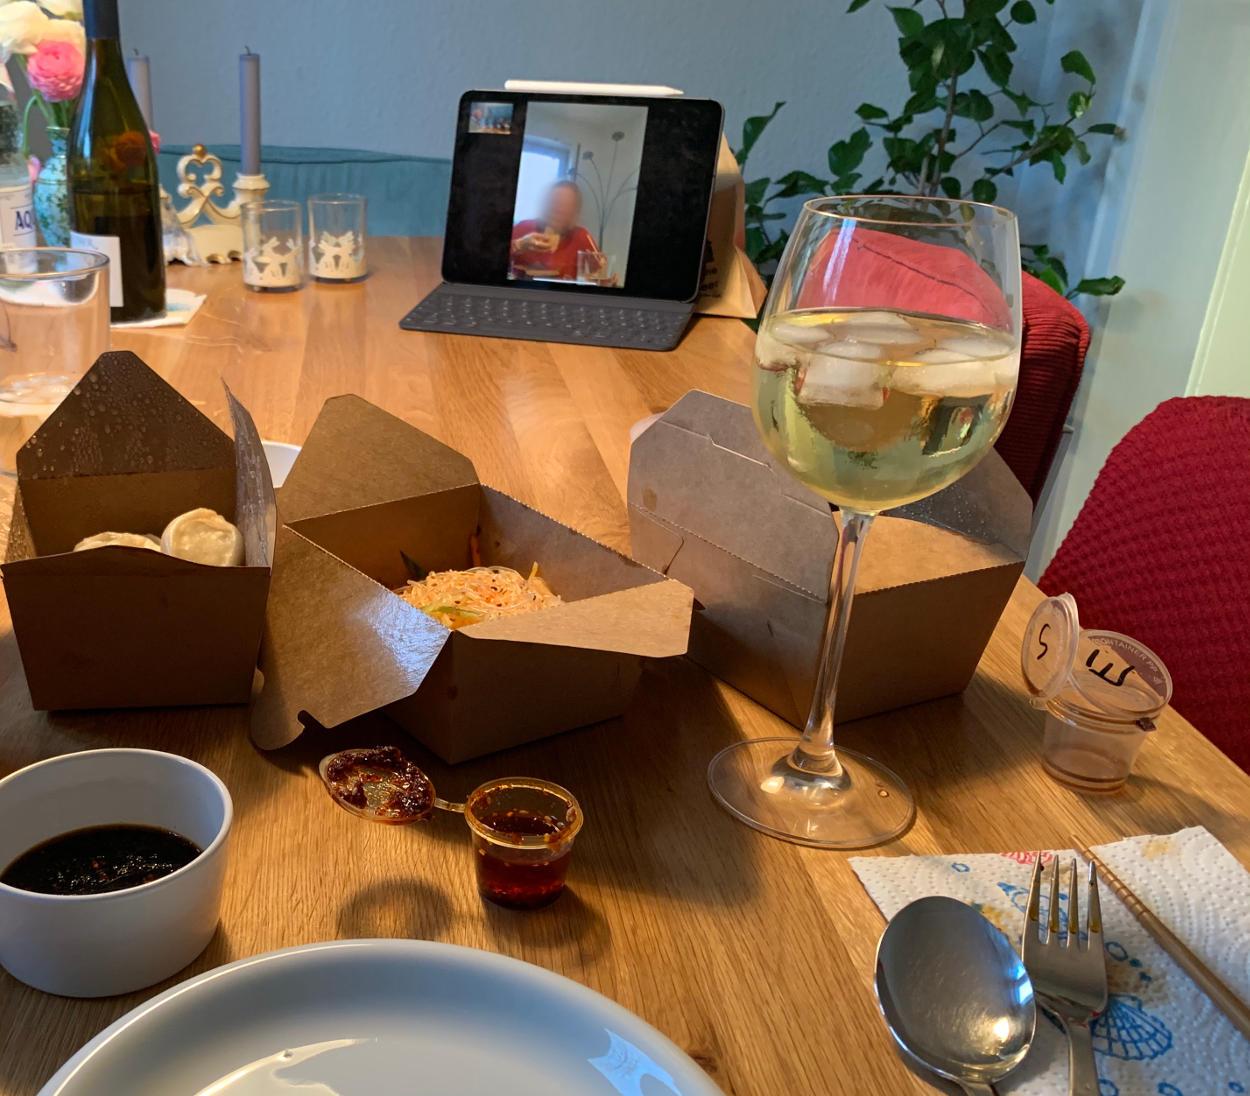 Esstisch, darauf Kartons mit Salat und Teigtaschen, am Ende des Tisches in iPad mit Facetime.